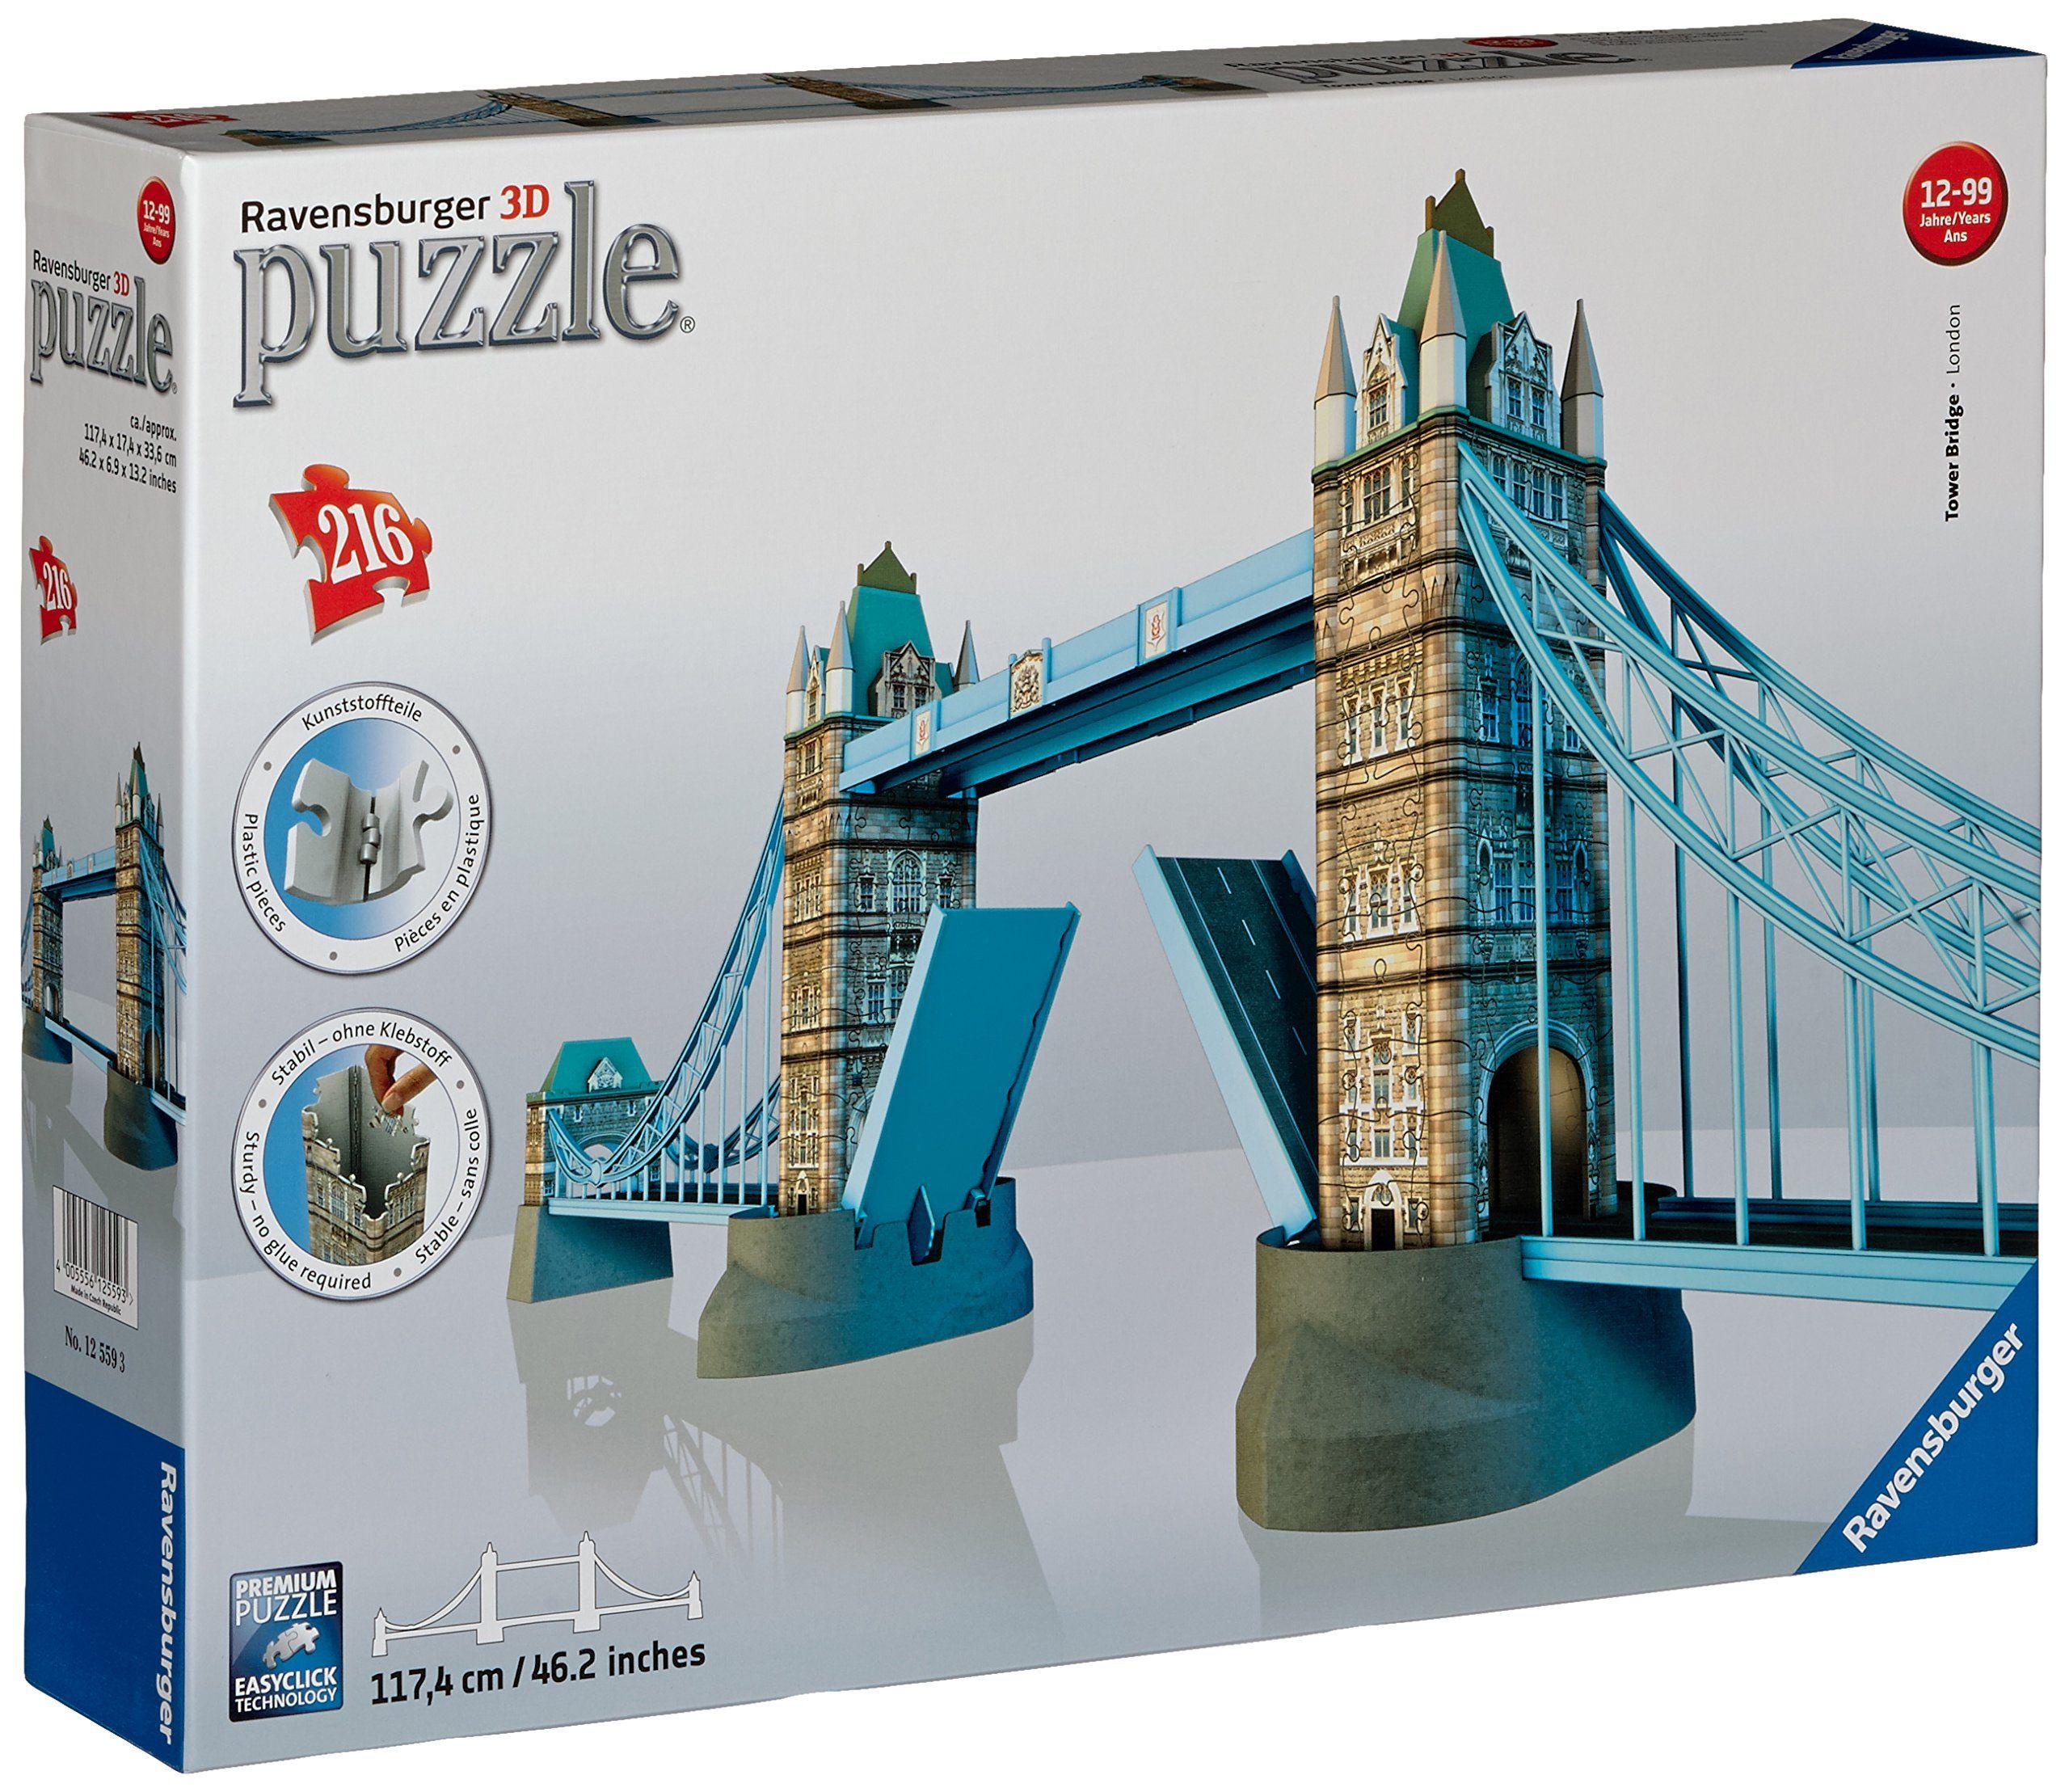 Ravensburger Tower Bridge 3d Puzzle Toys Games Tower Bridge London Tower Bridge Ravensburger Puzzle